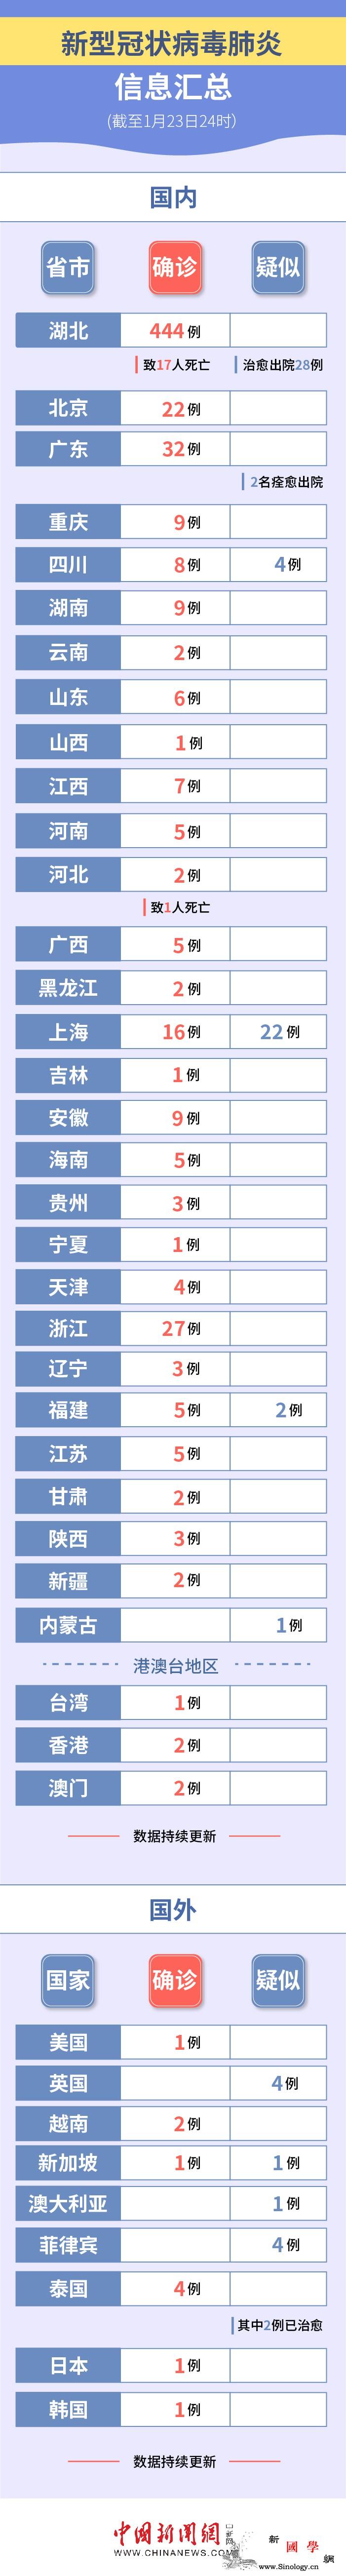 河北出现1例新型冠状病dupoiso_冠状-武汉市-湖北省-